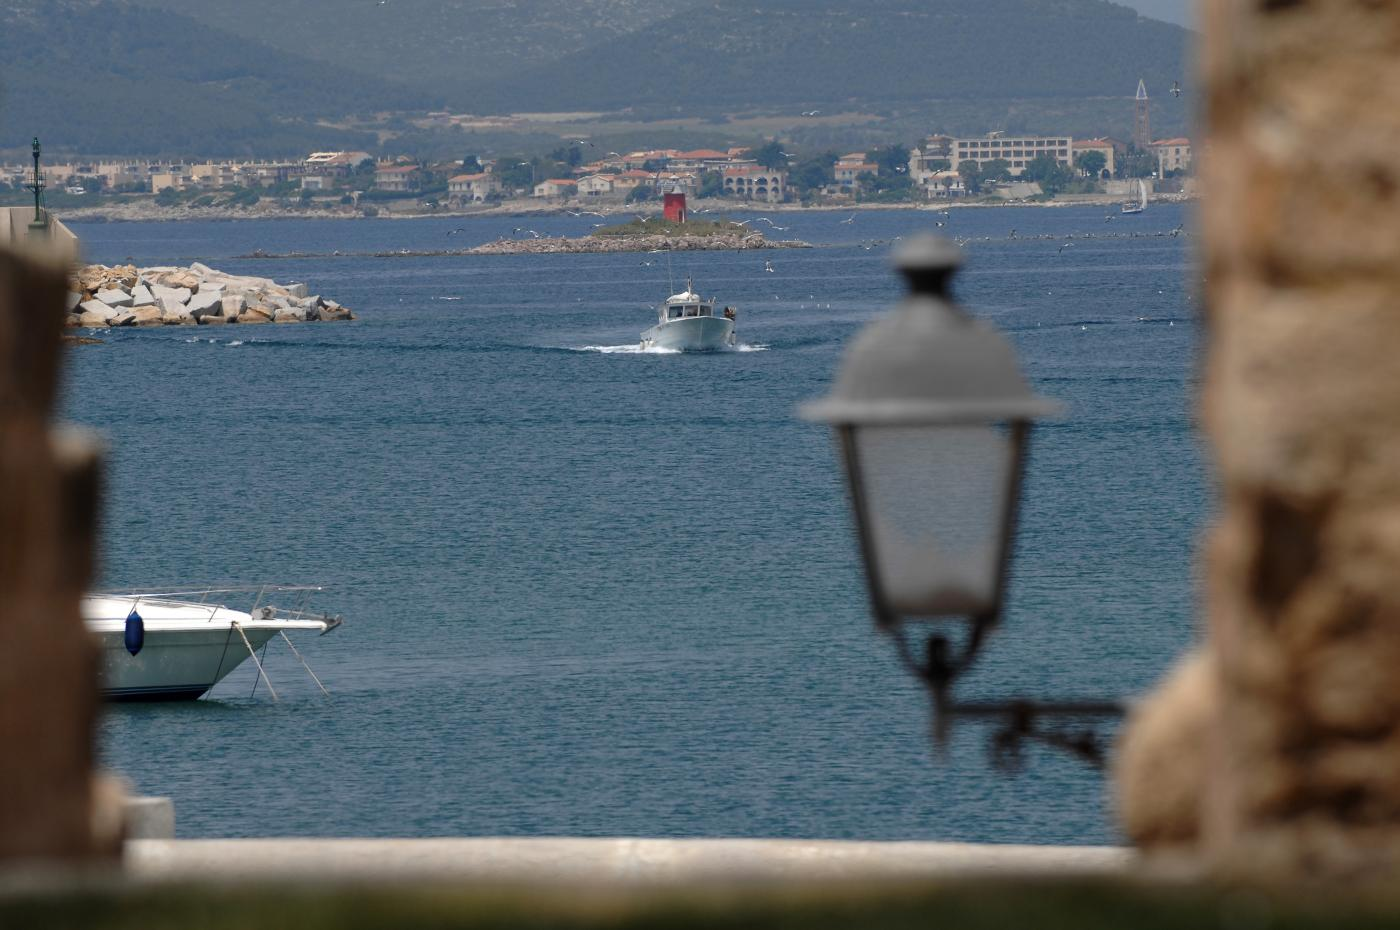 alghero turista spagnolo scomparso nel nulla